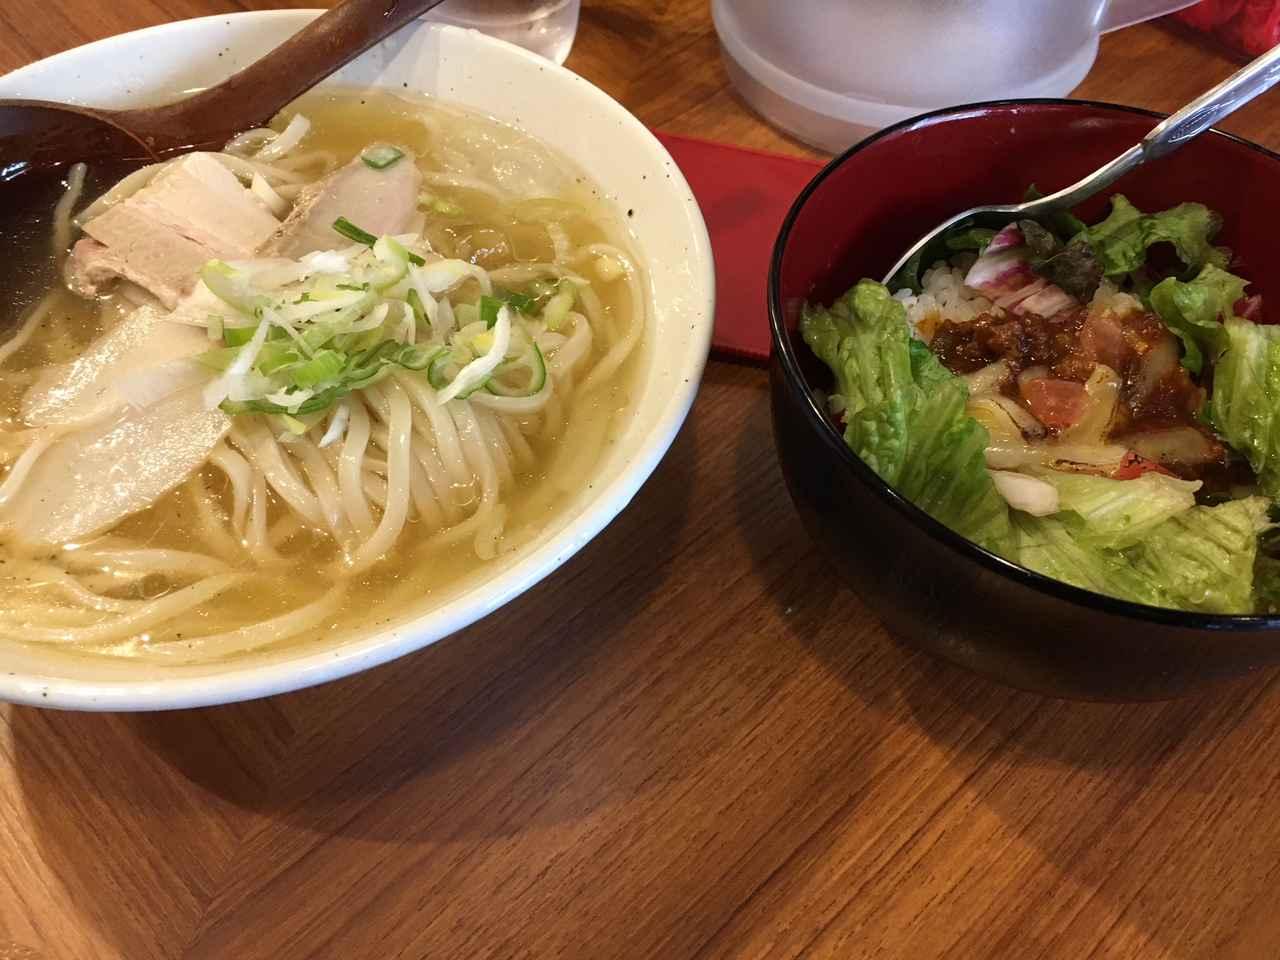 画像1: 沖縄料理とそば かんから食堂